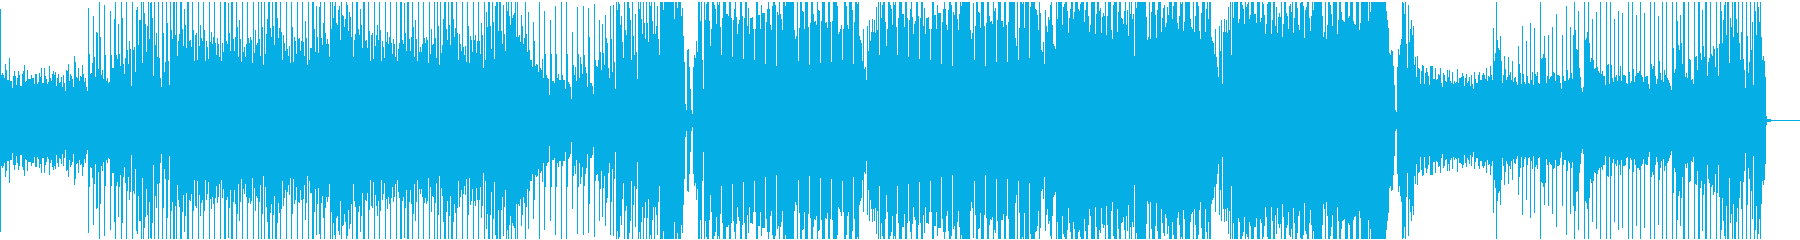 不気味なベースハウスの再生済みの波形